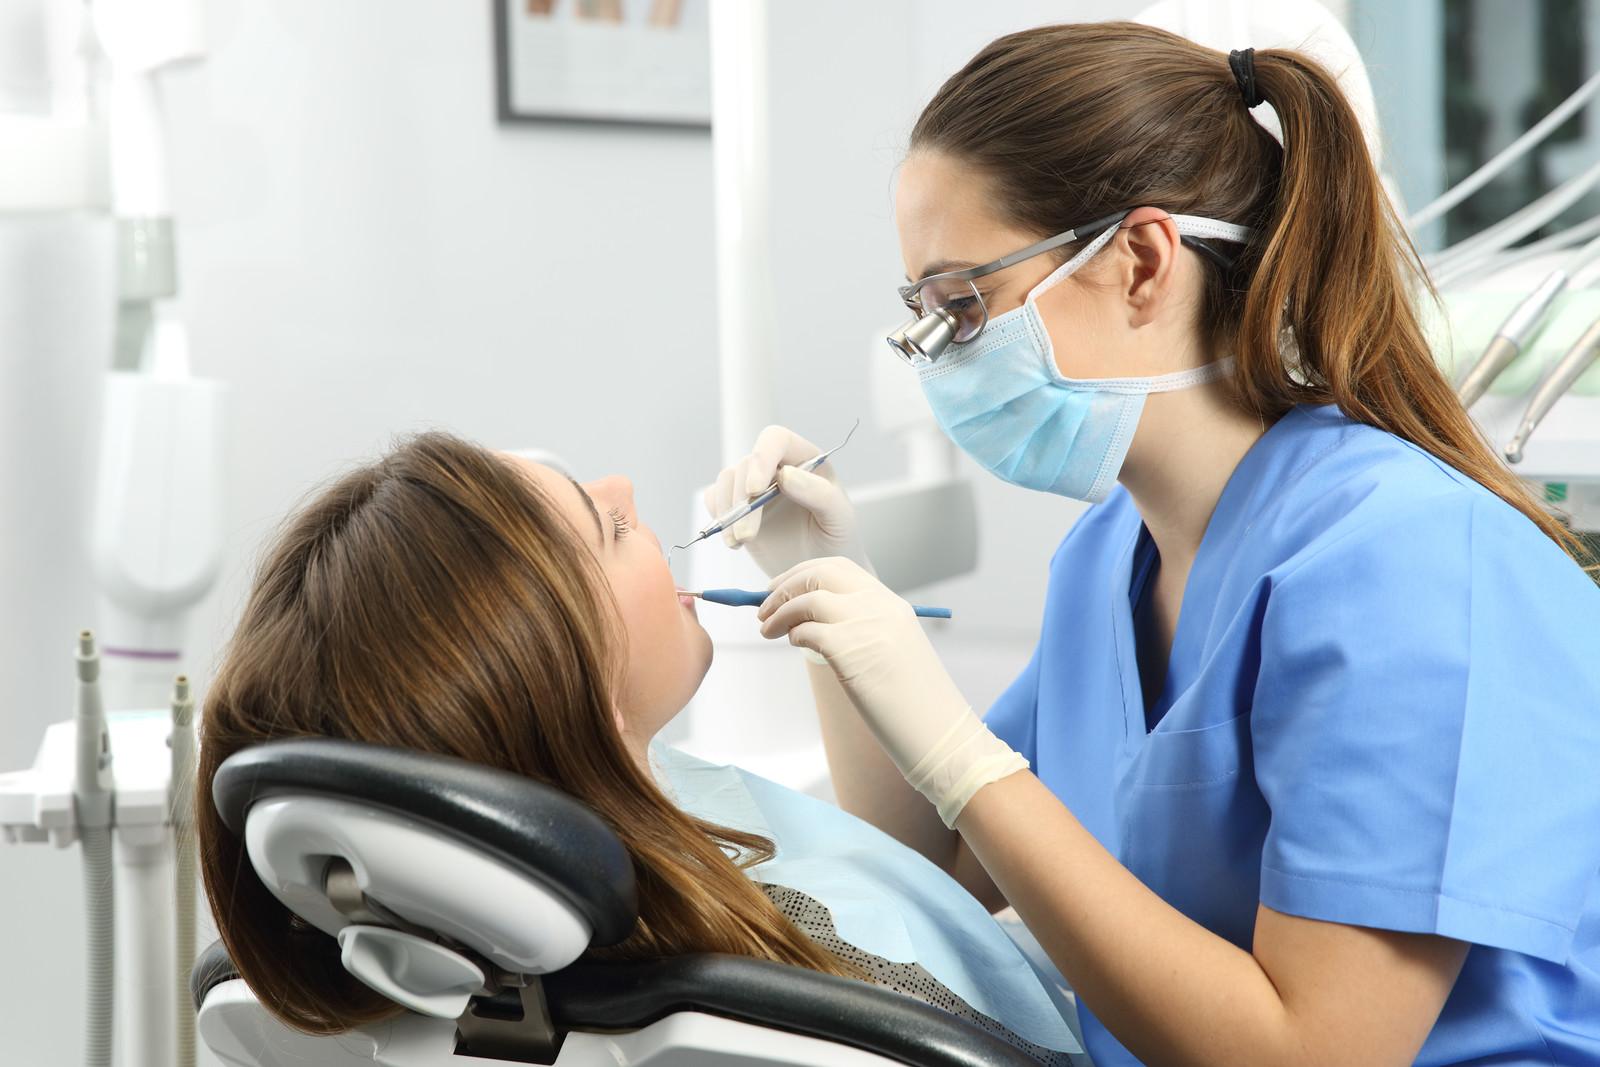 شرایط رفتن به دندانپزشکی در دوران کرونا